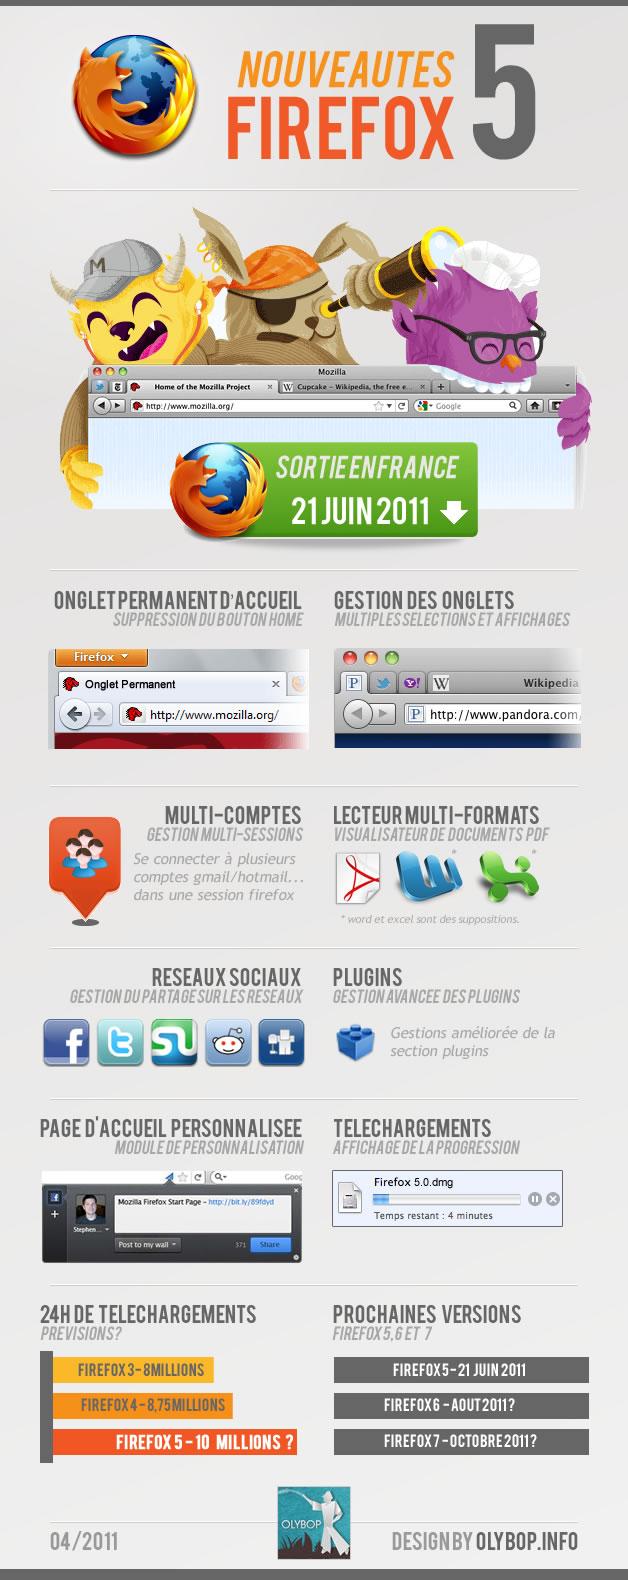 Nouveautés firefox 5 infographie